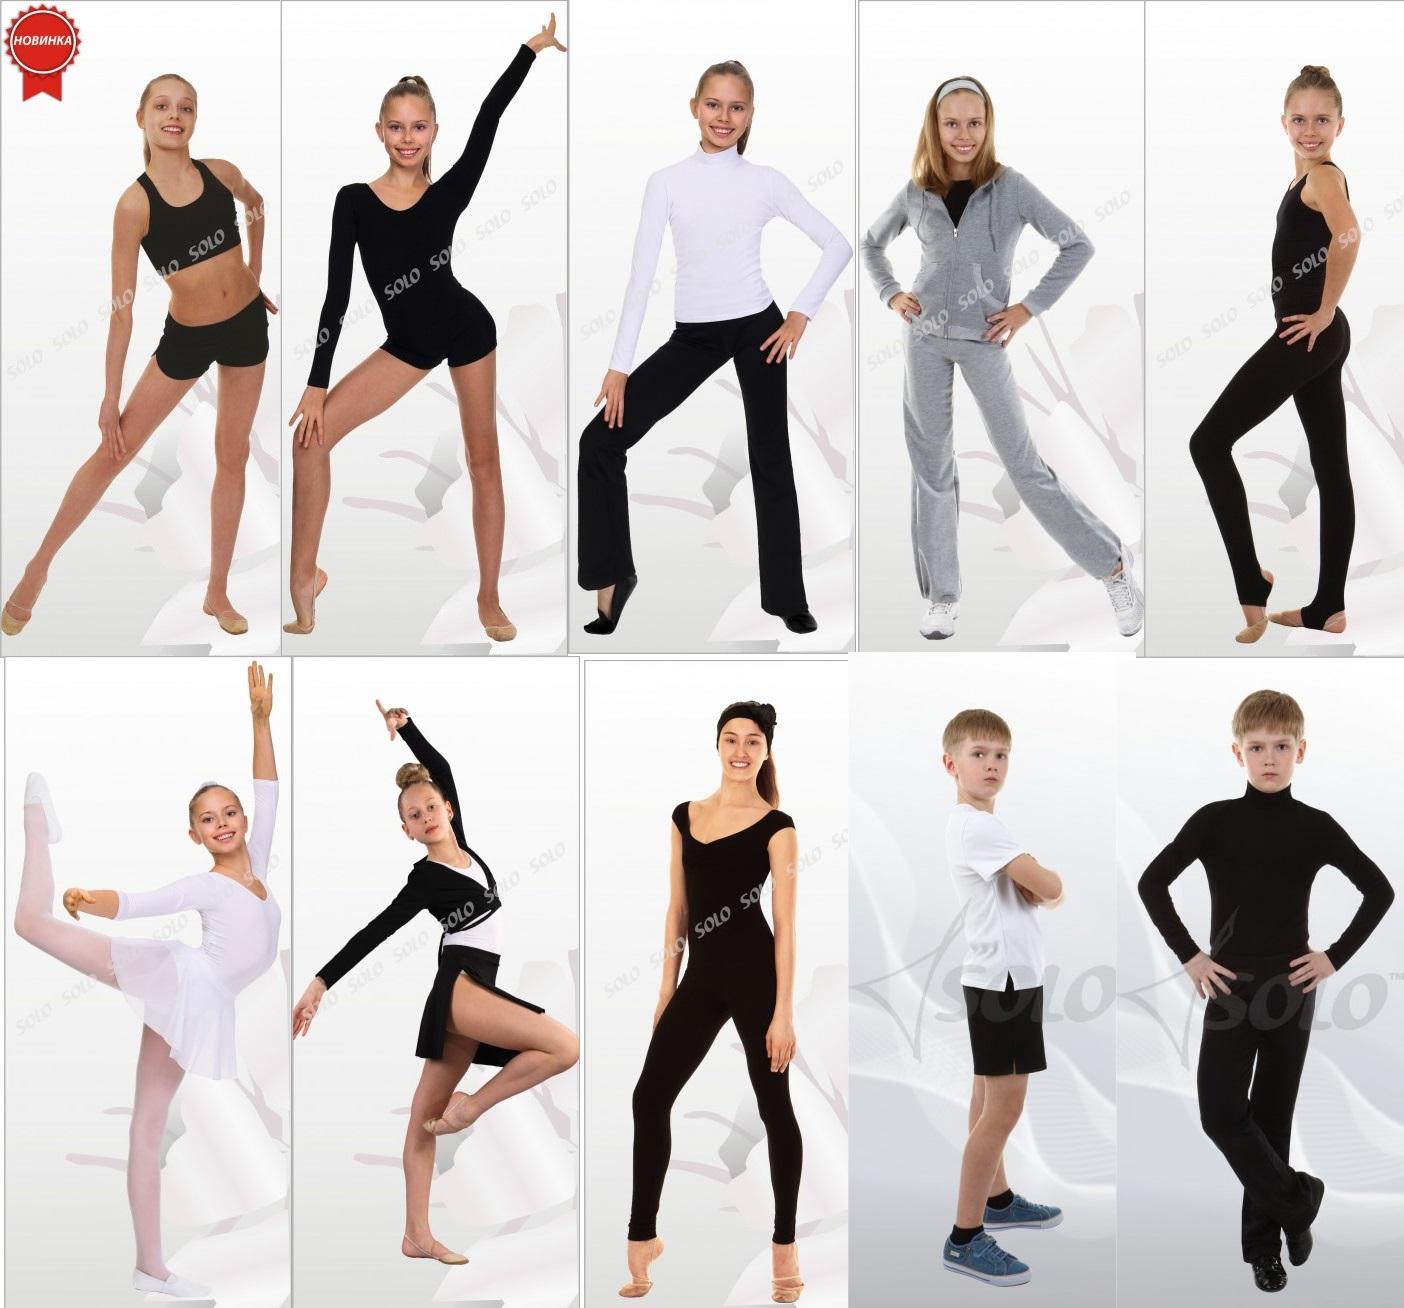 Спортивная одежда - 26. Одежда для гимнастики, хореографии и балета. Новинка - обувь для гимнастики и танцев. Чехлы на предметы для гимнастики. Размерный ряд с 28 по 50. Без рядов!